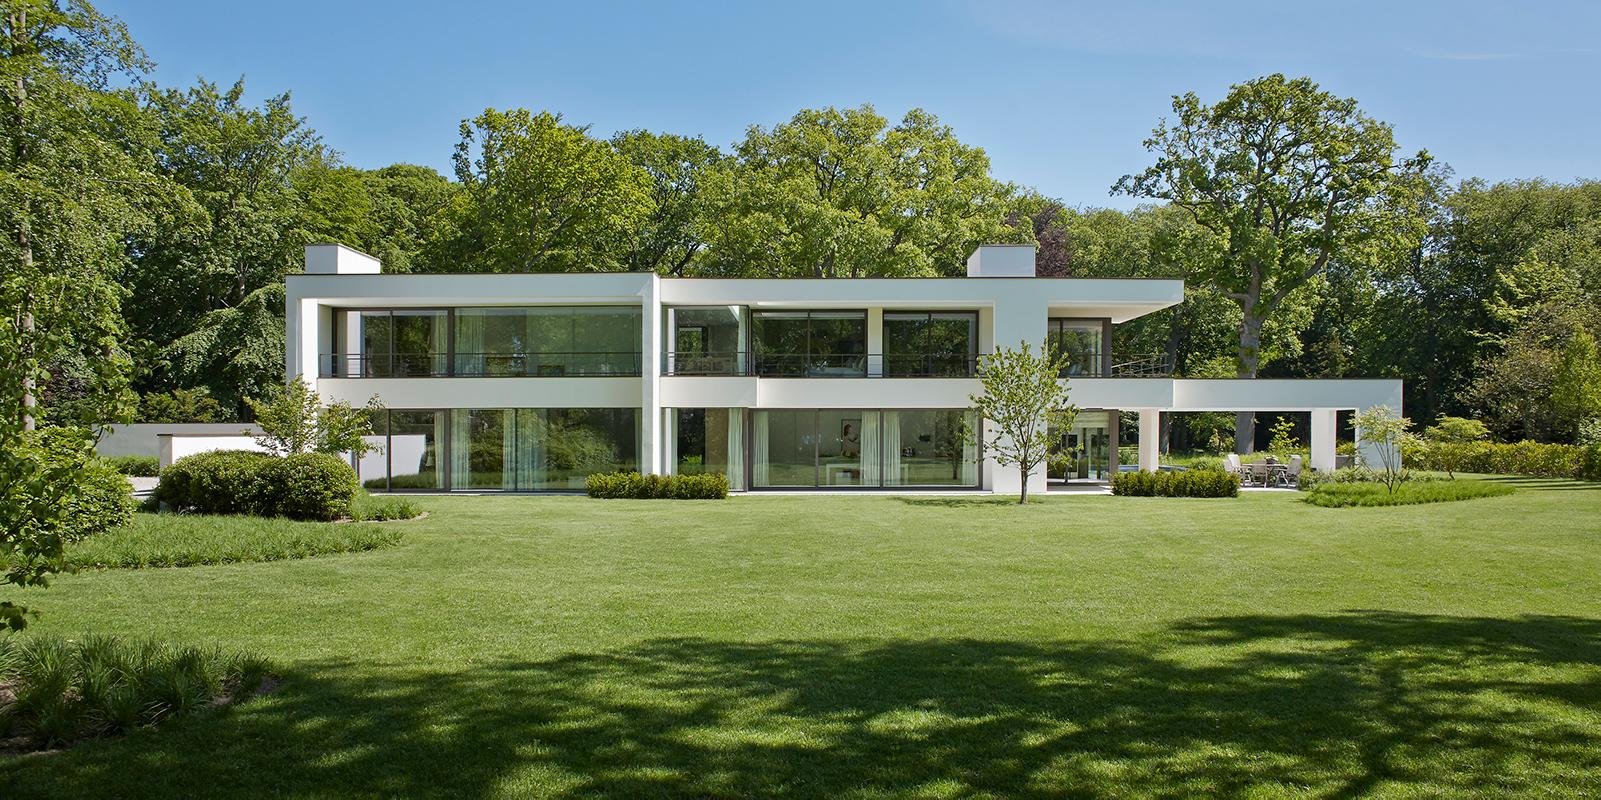 Moderne nieuwbouwwoning, Vlassak Verhulst